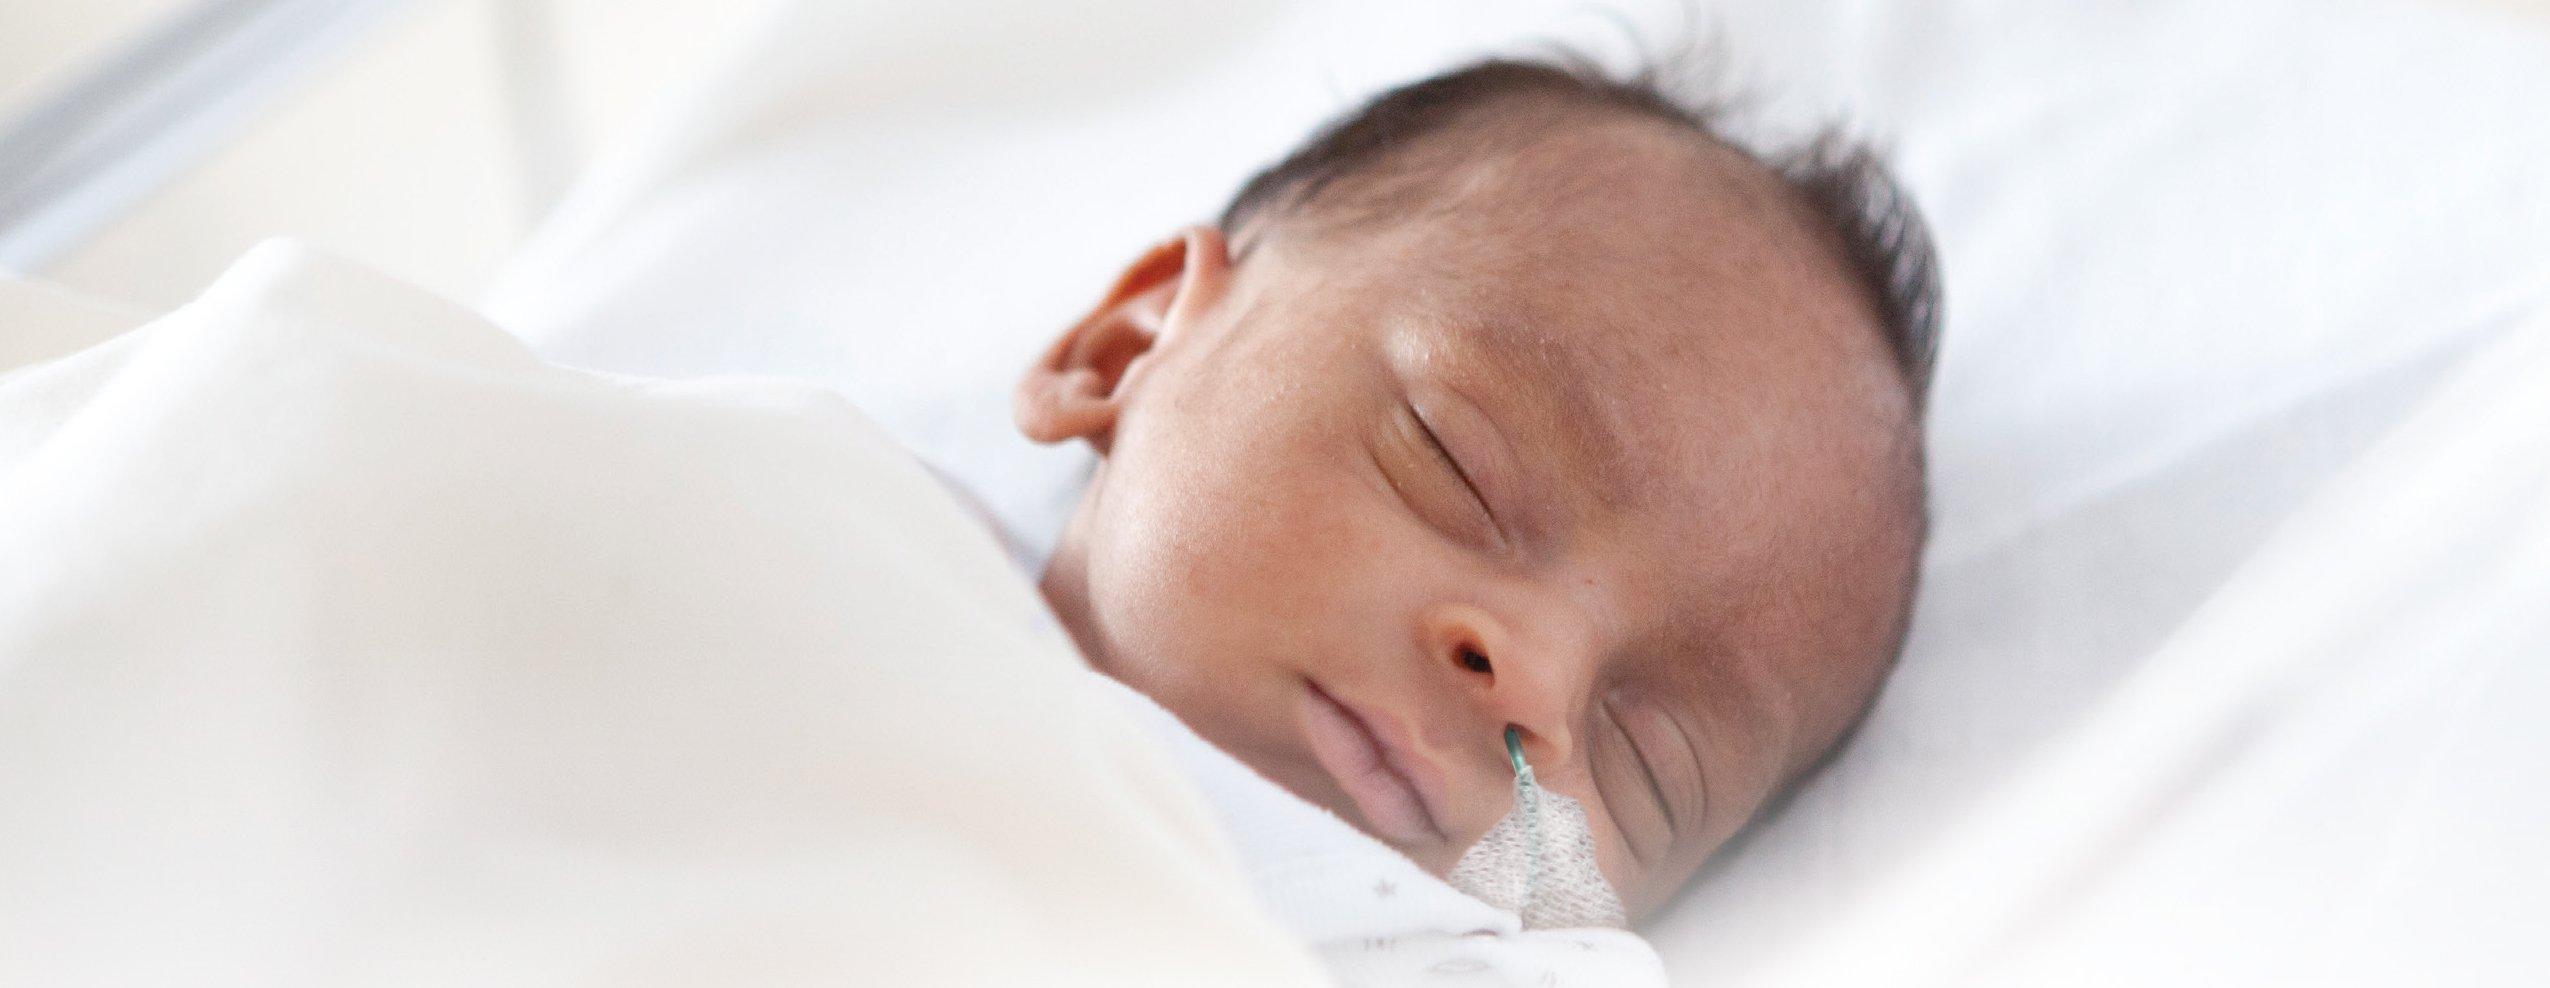 proalct-cr-preemie-baby